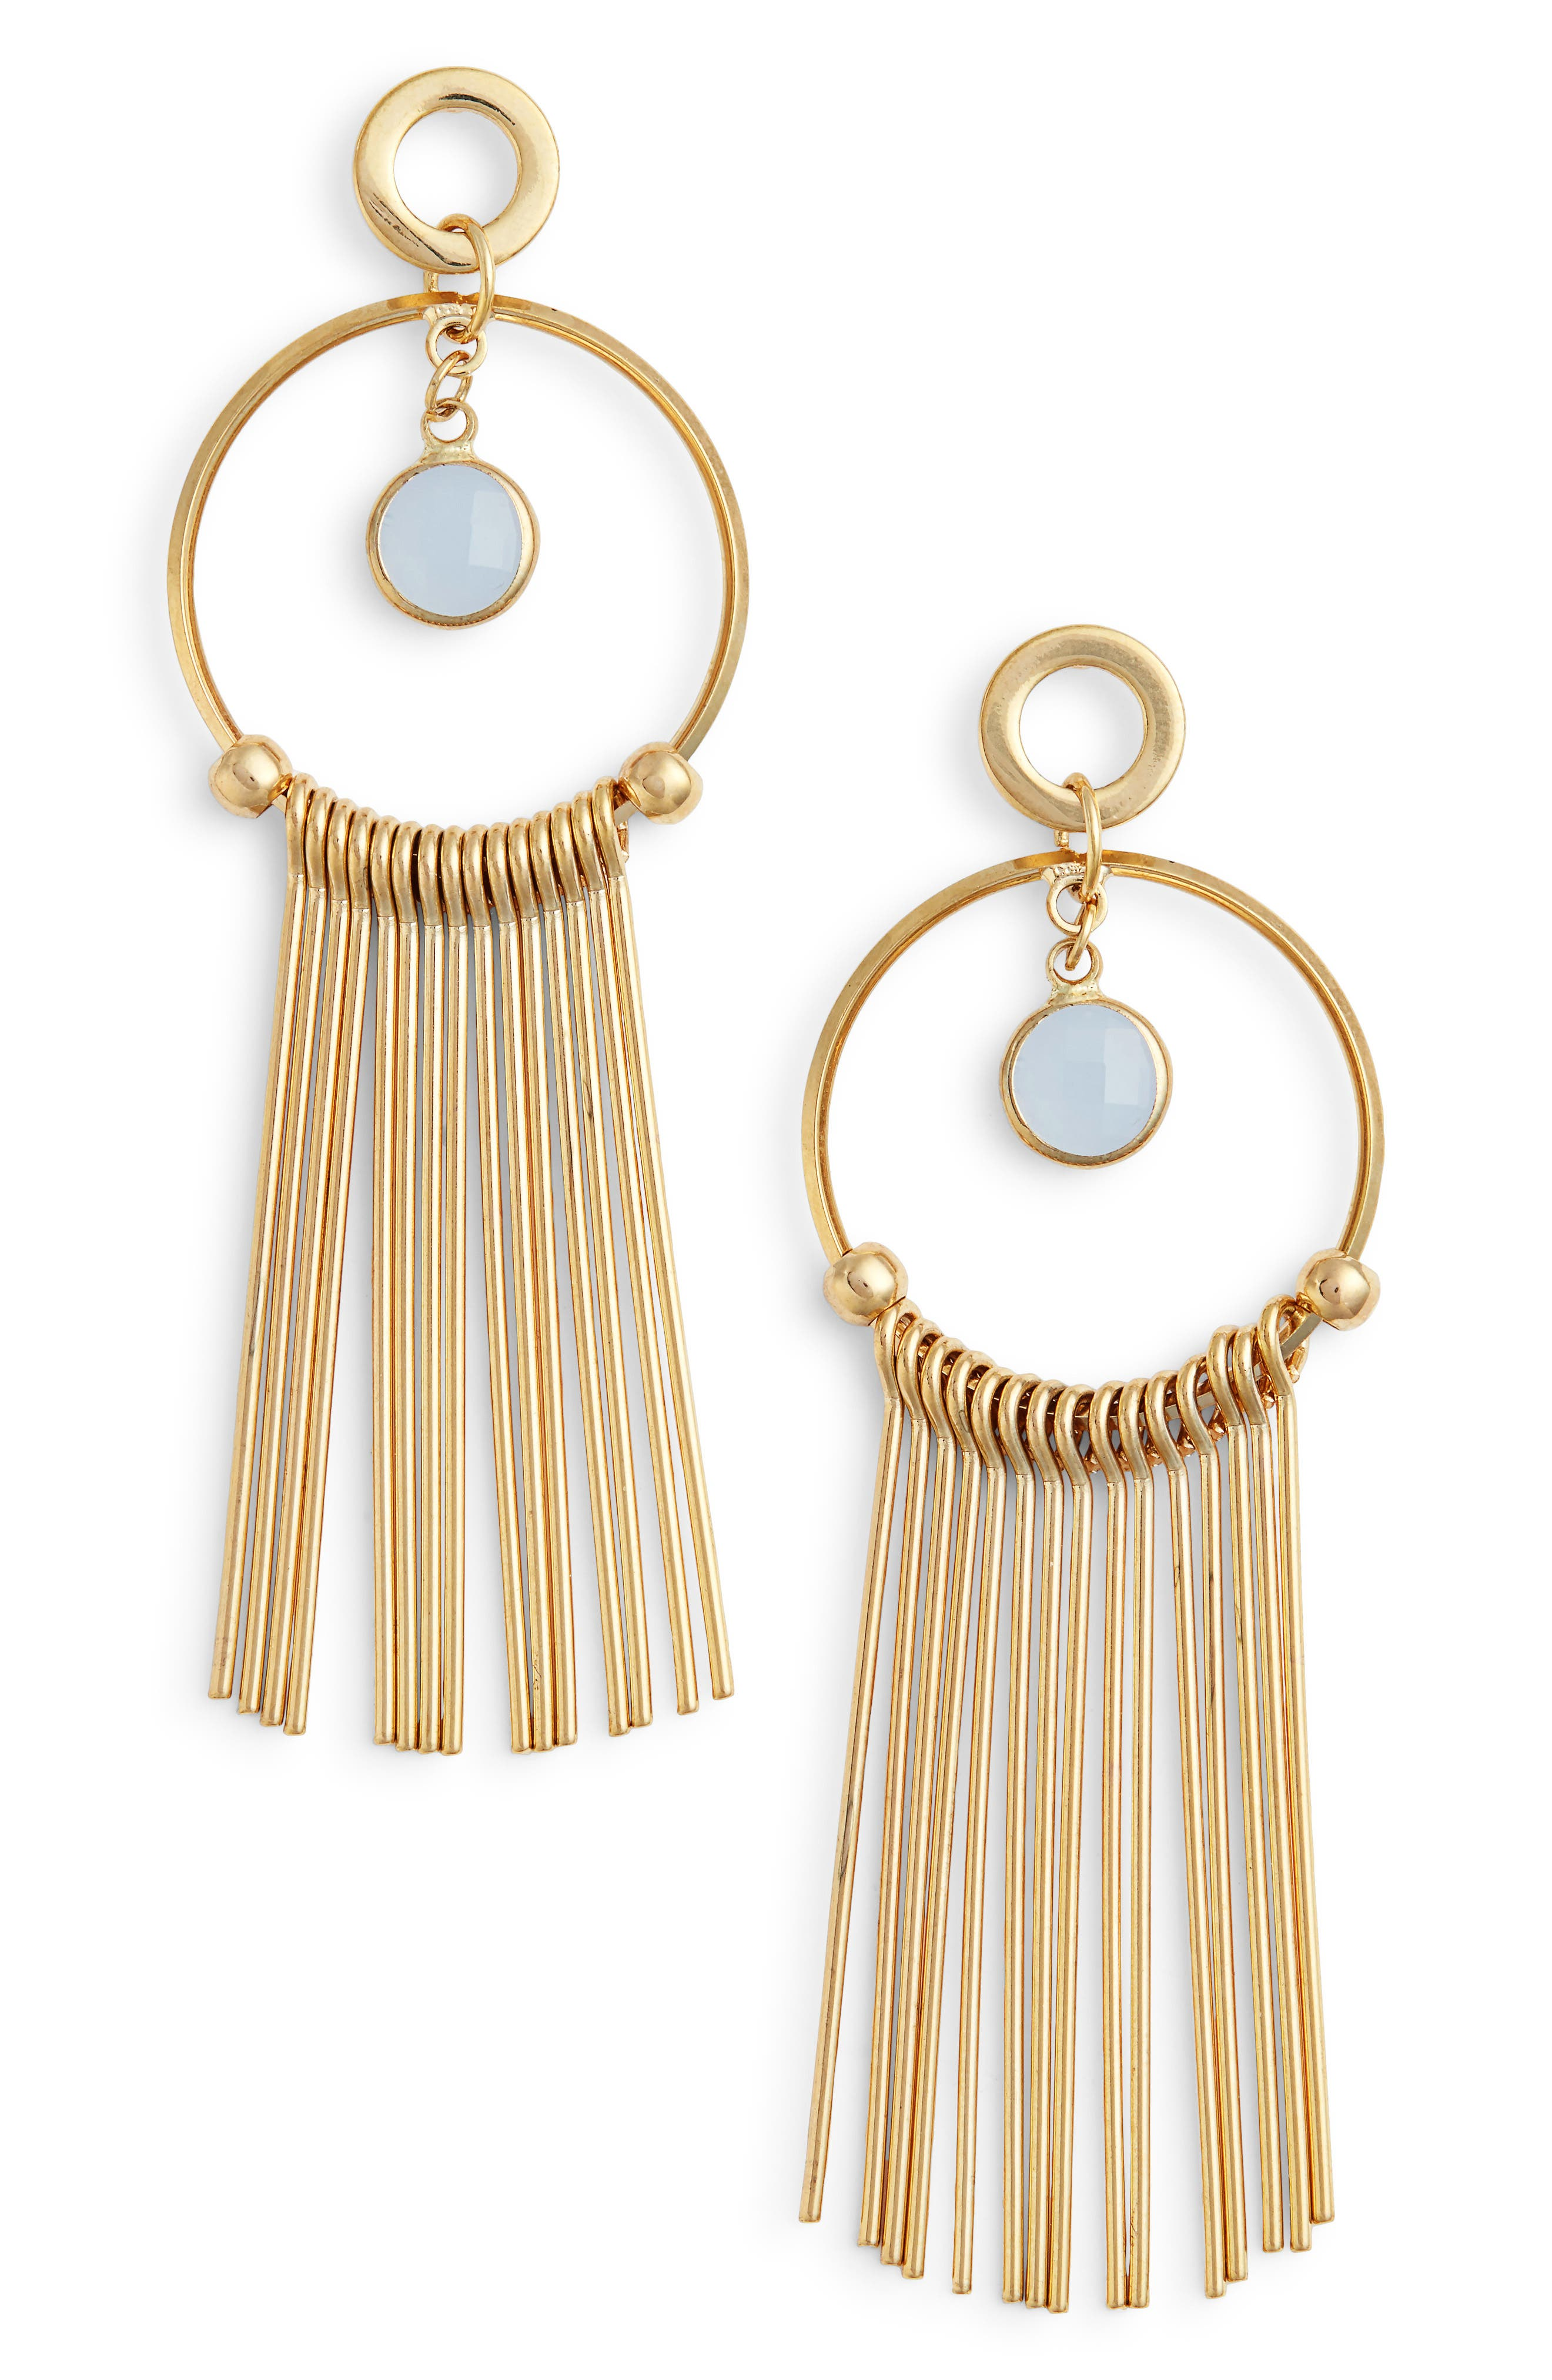 Elise M. Lilia Spike & Crystal Hoop Earrings